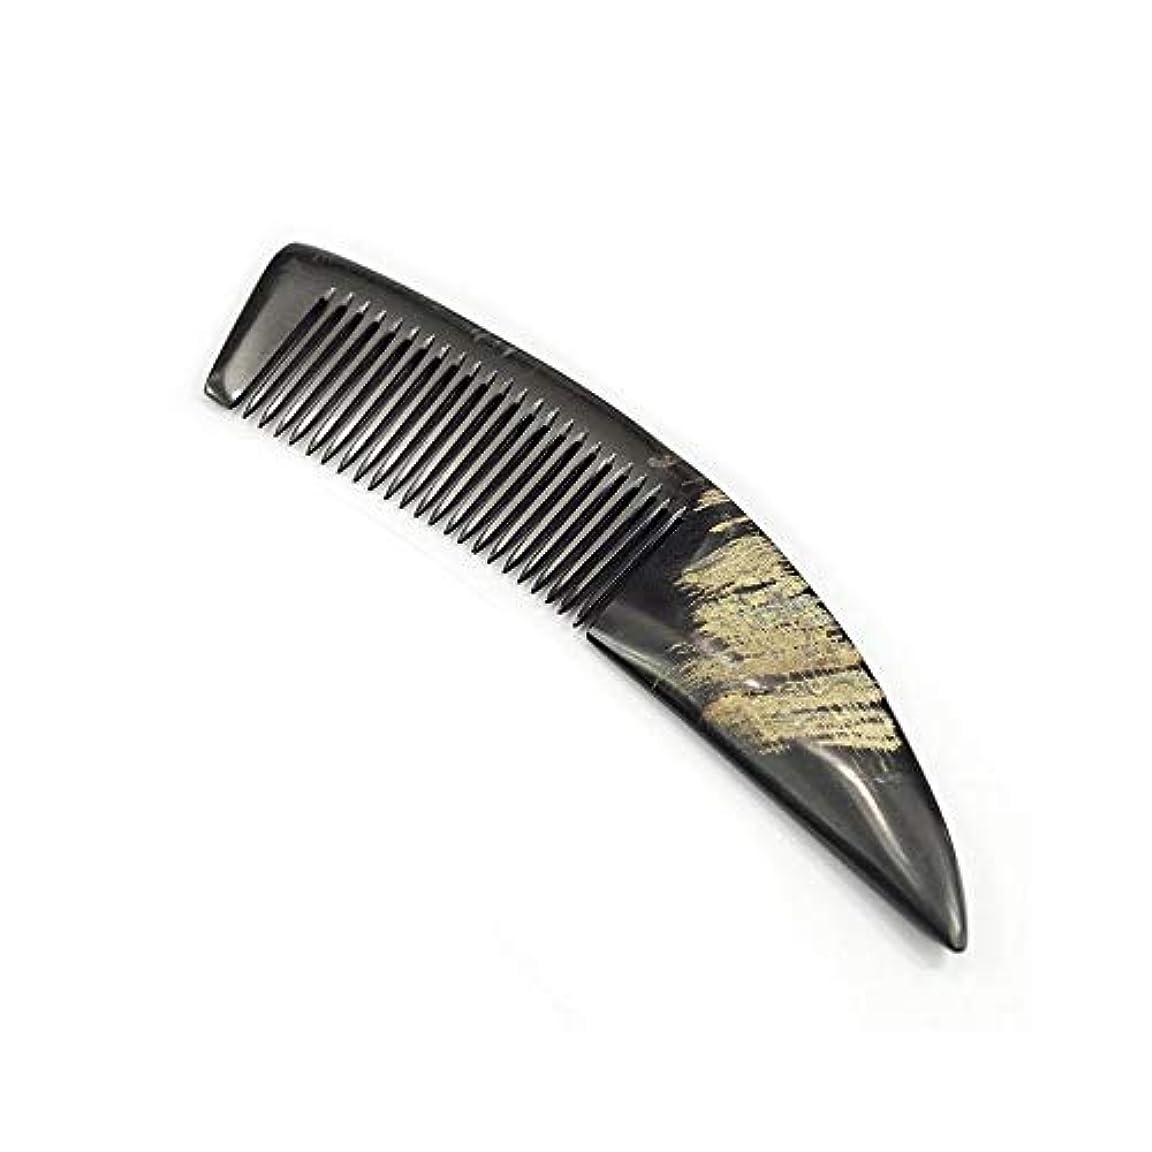 危険倉庫過敏なヘアコーム理髪くし バッファローホーンくしナチュラルスタイリング木製テールは、静電気防止コームハンドル ヘアスタイリングコーム